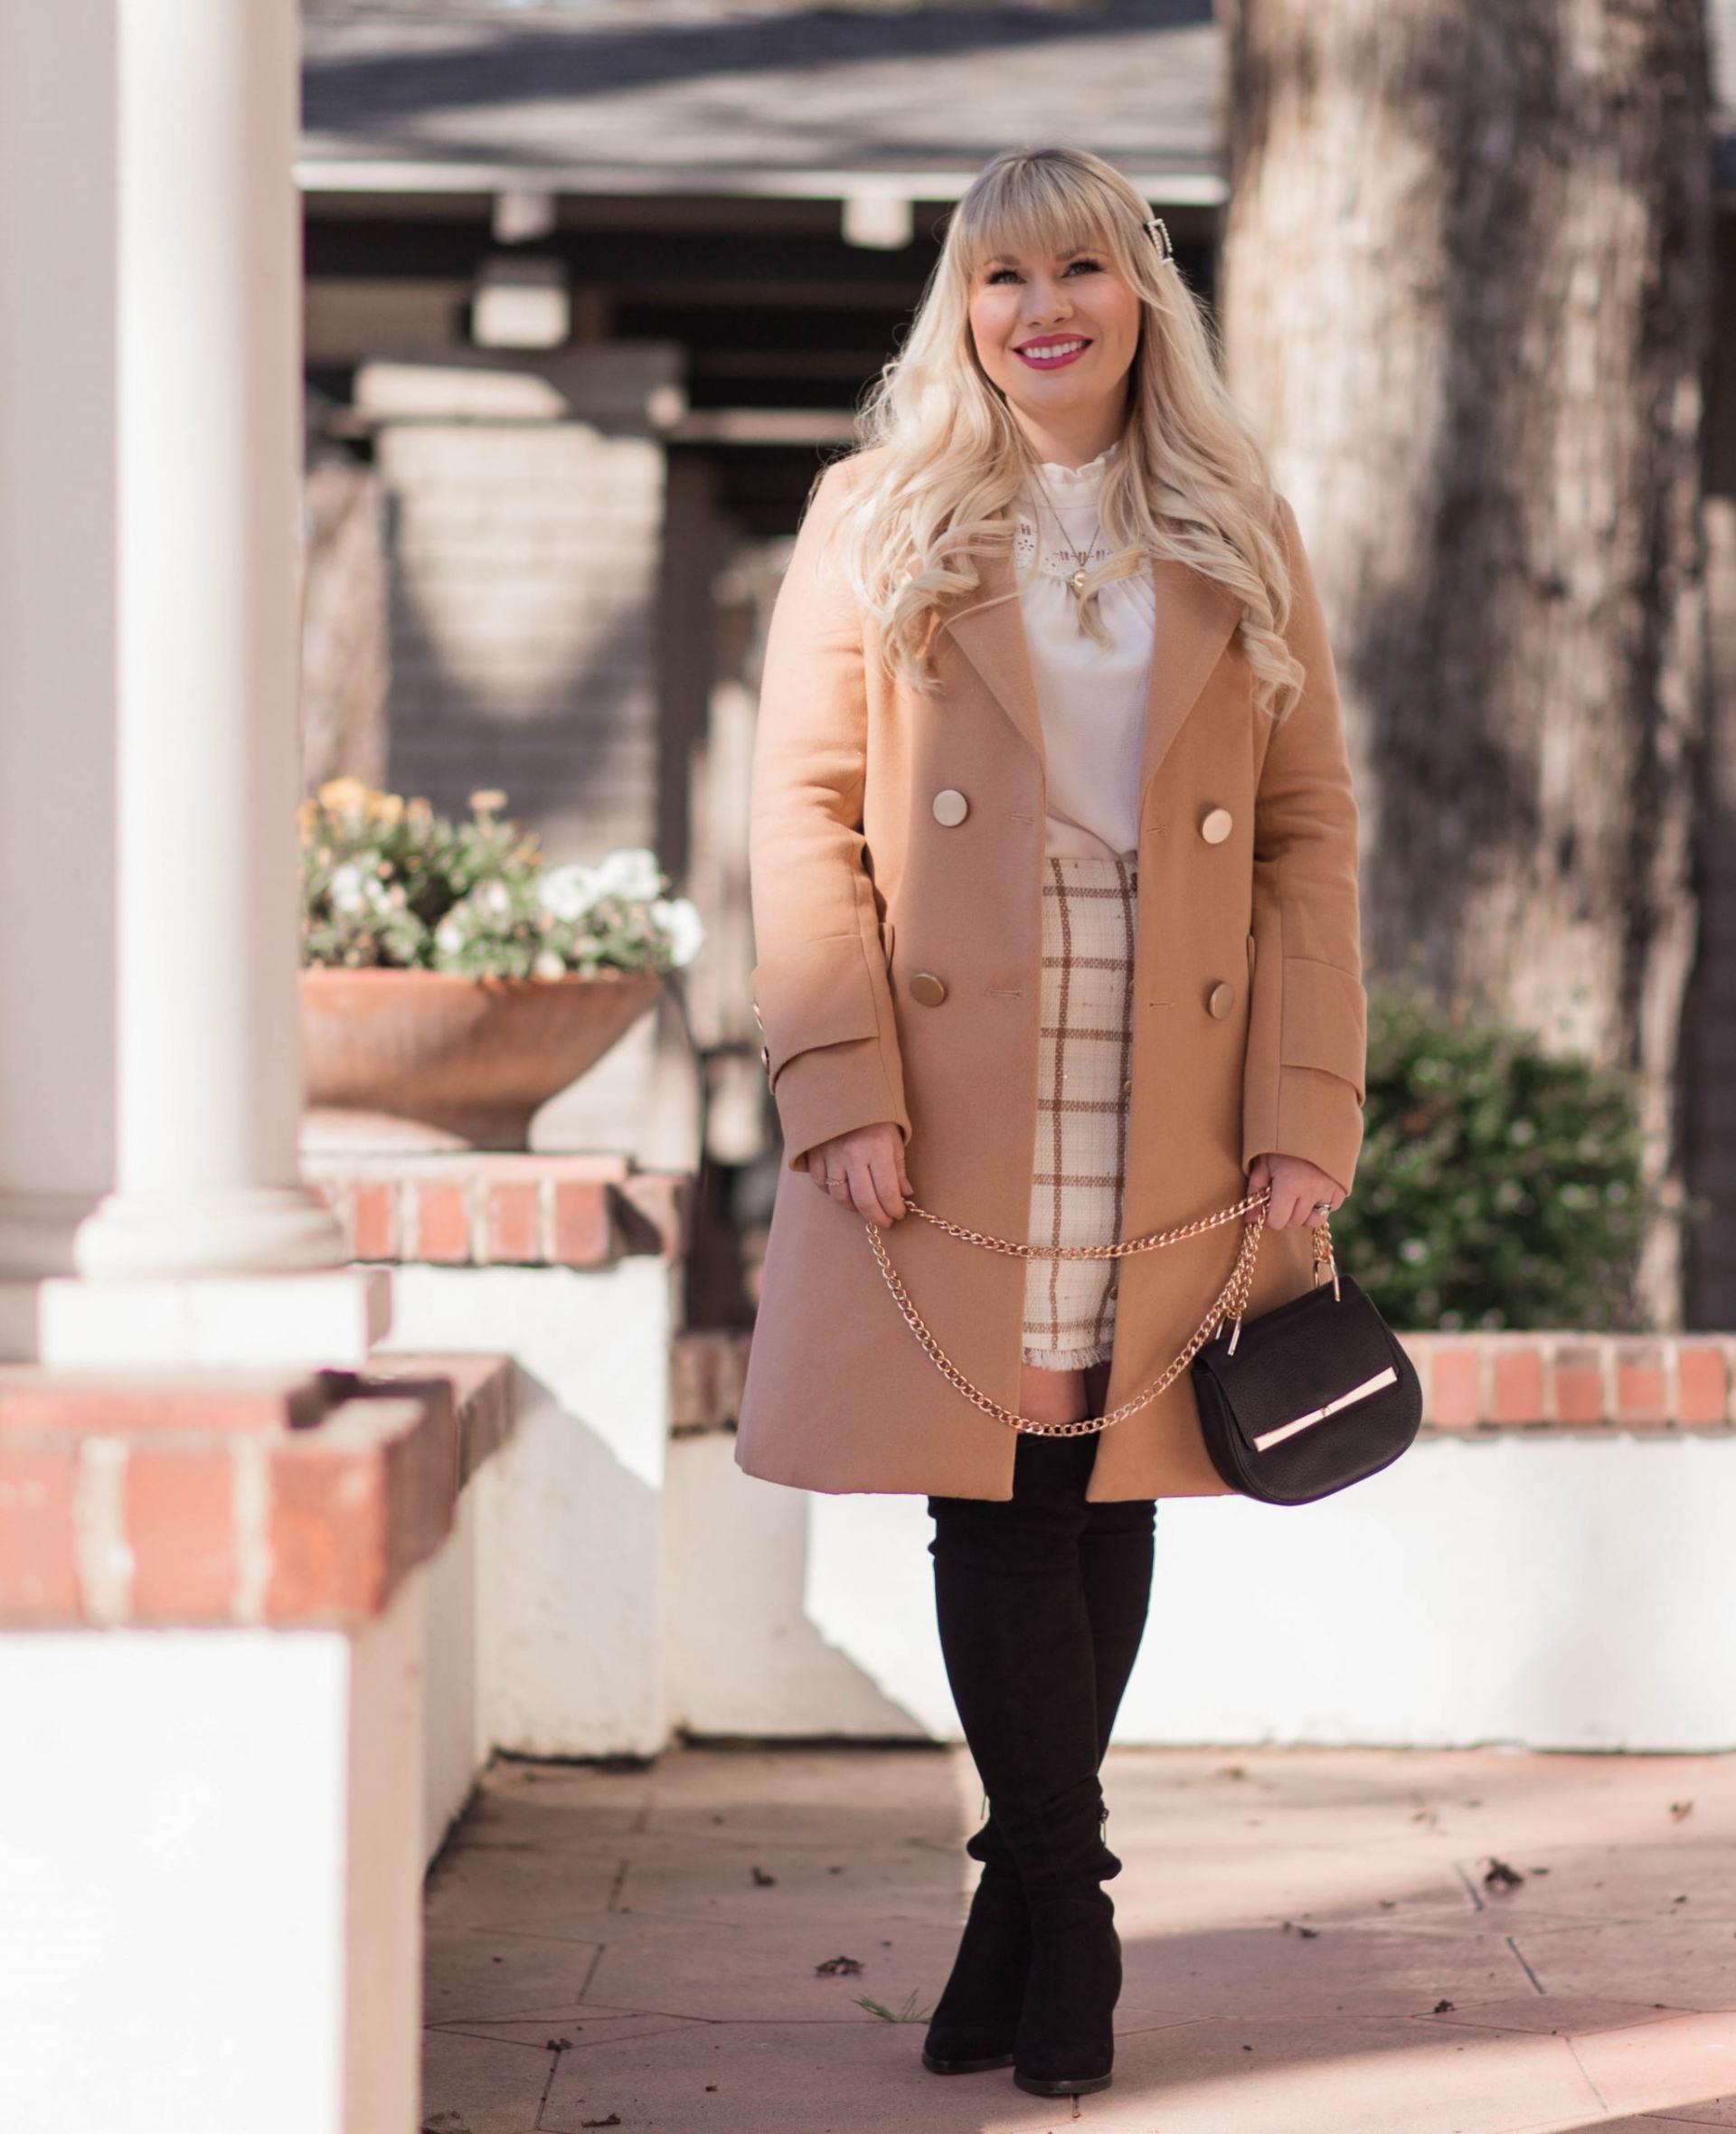 Elizabeth Hugen from Lizzie in Lace wears a camel winter coat